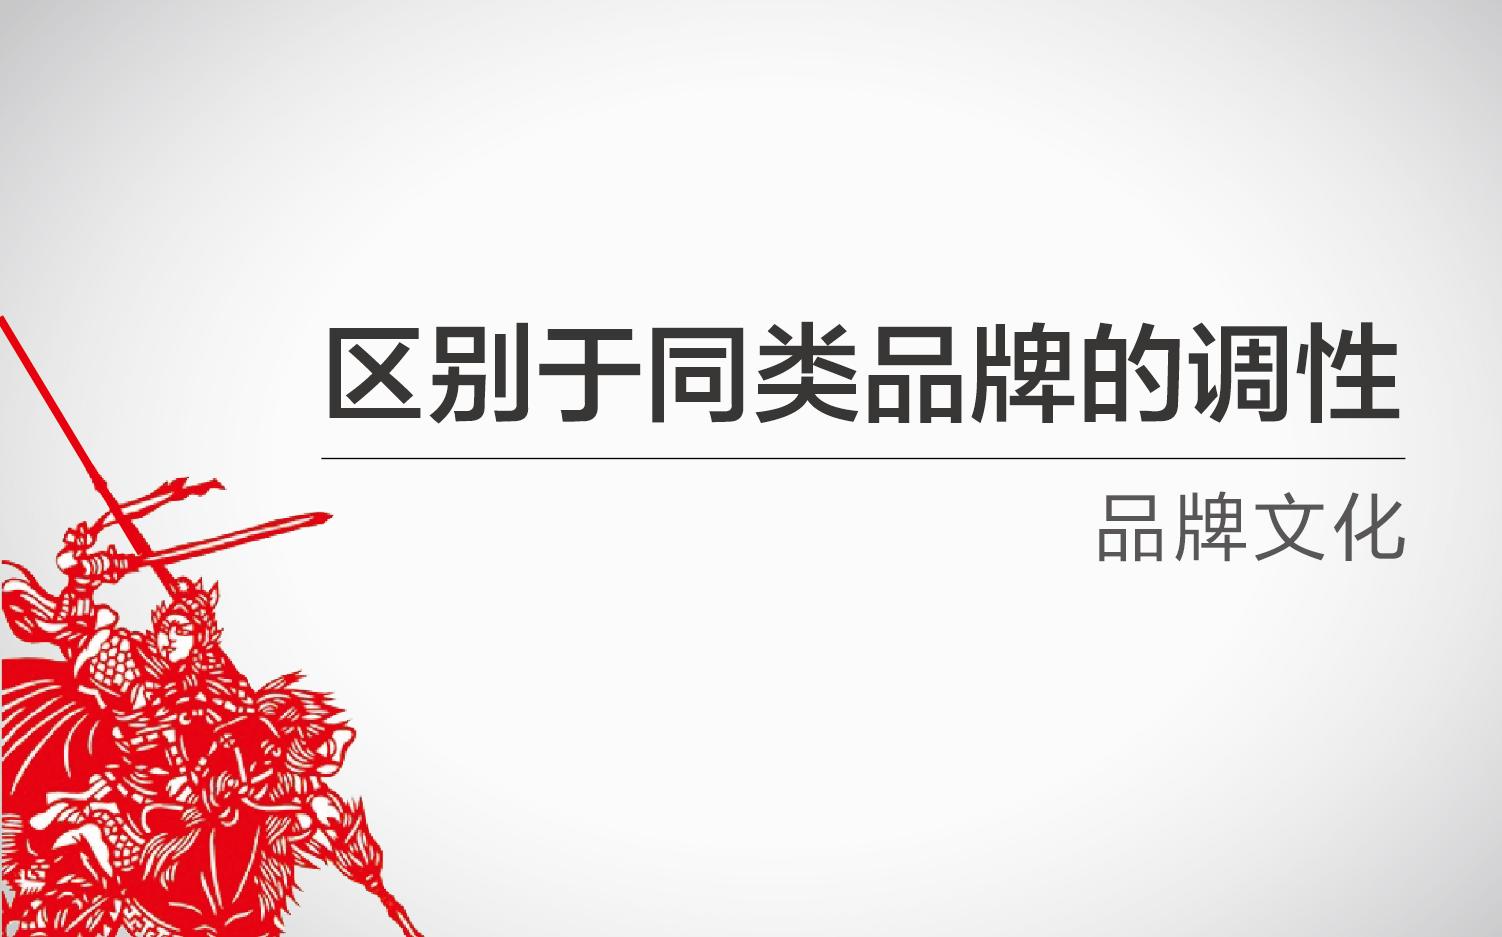 品牌狂人 专业产品牌全案策划机构 定制定位企业形象宣传包装